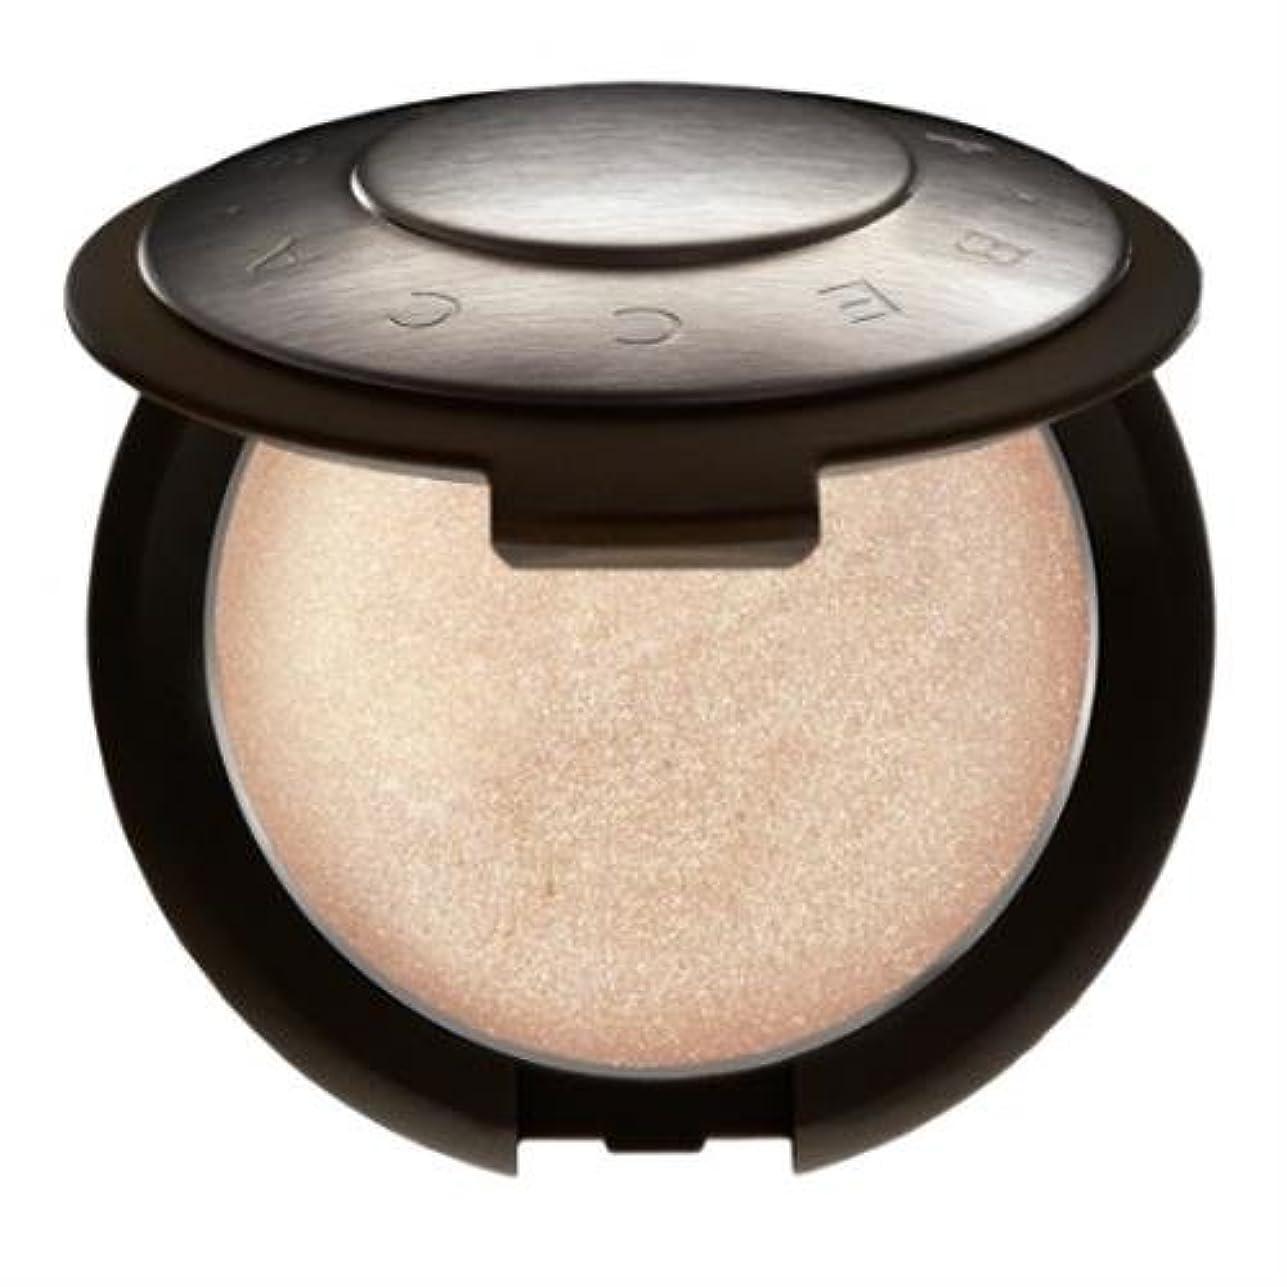 少年交響曲本を読むBecca Cosmetics Shimmering Skin Perfector Poured - Moonstone (並行輸入品) [並行輸入品]